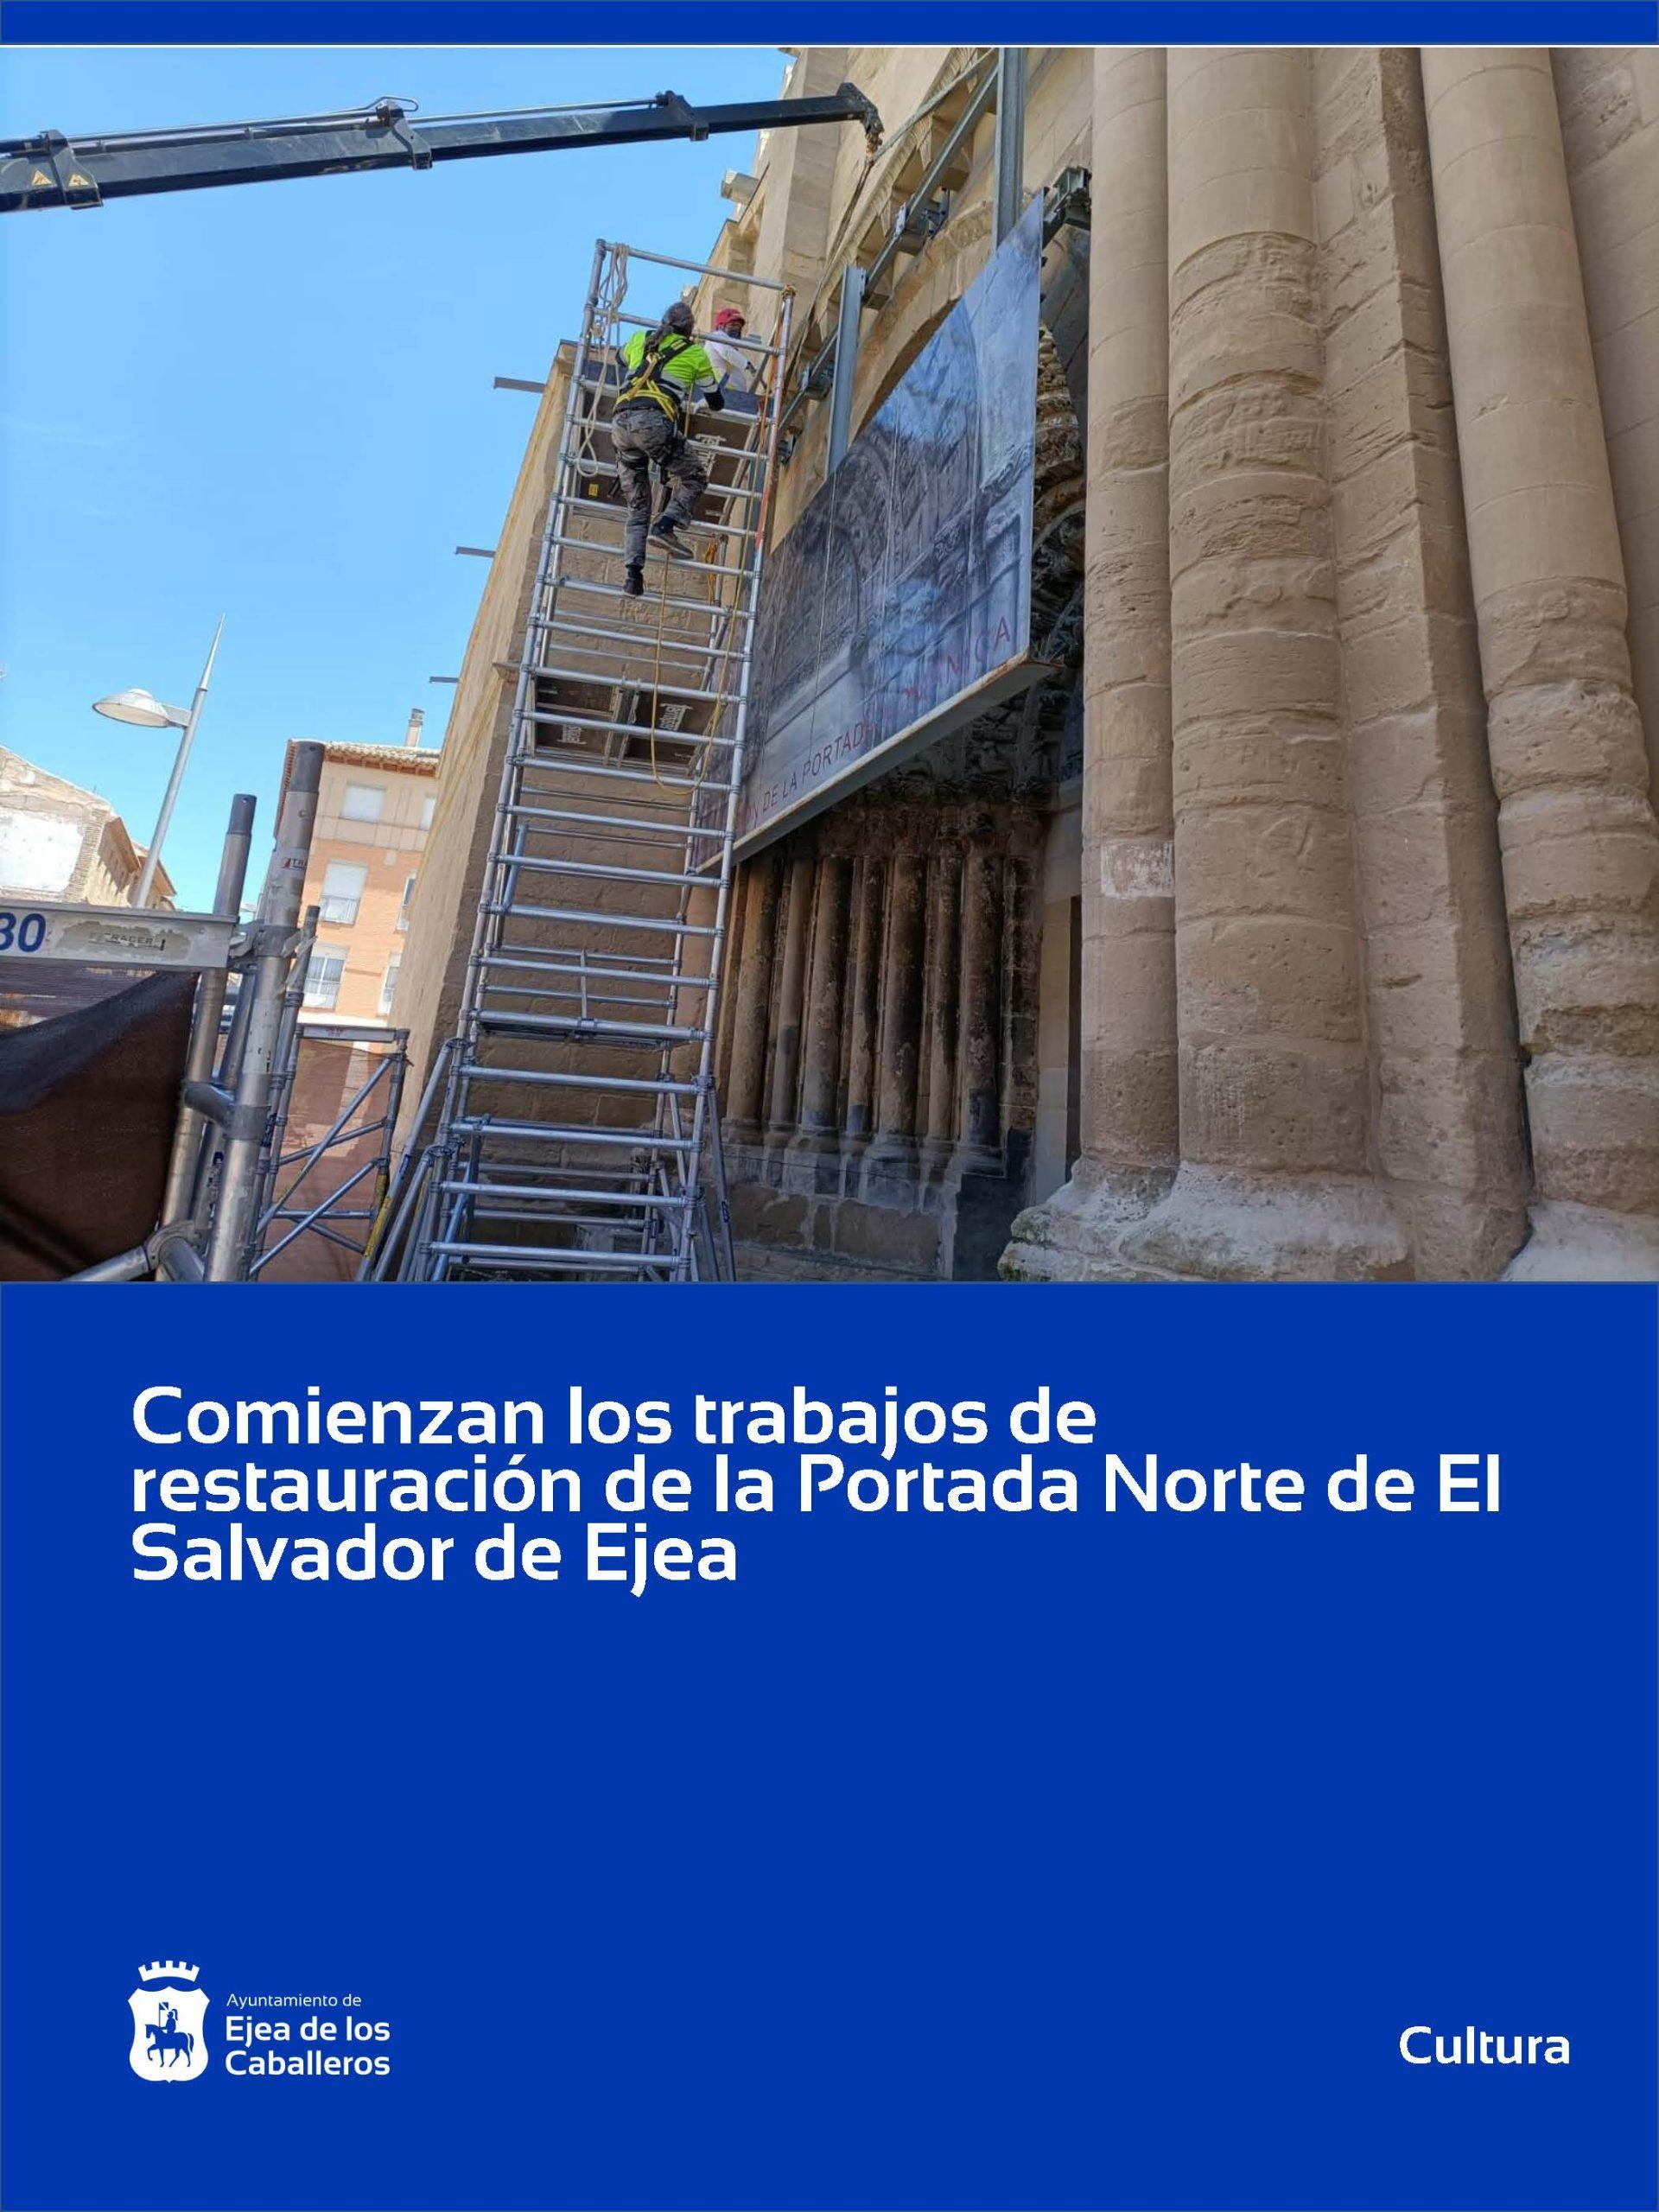 Comienza la restauración de la portada norte de la Iglesia de El Salvador de Ejea de los Caballeros